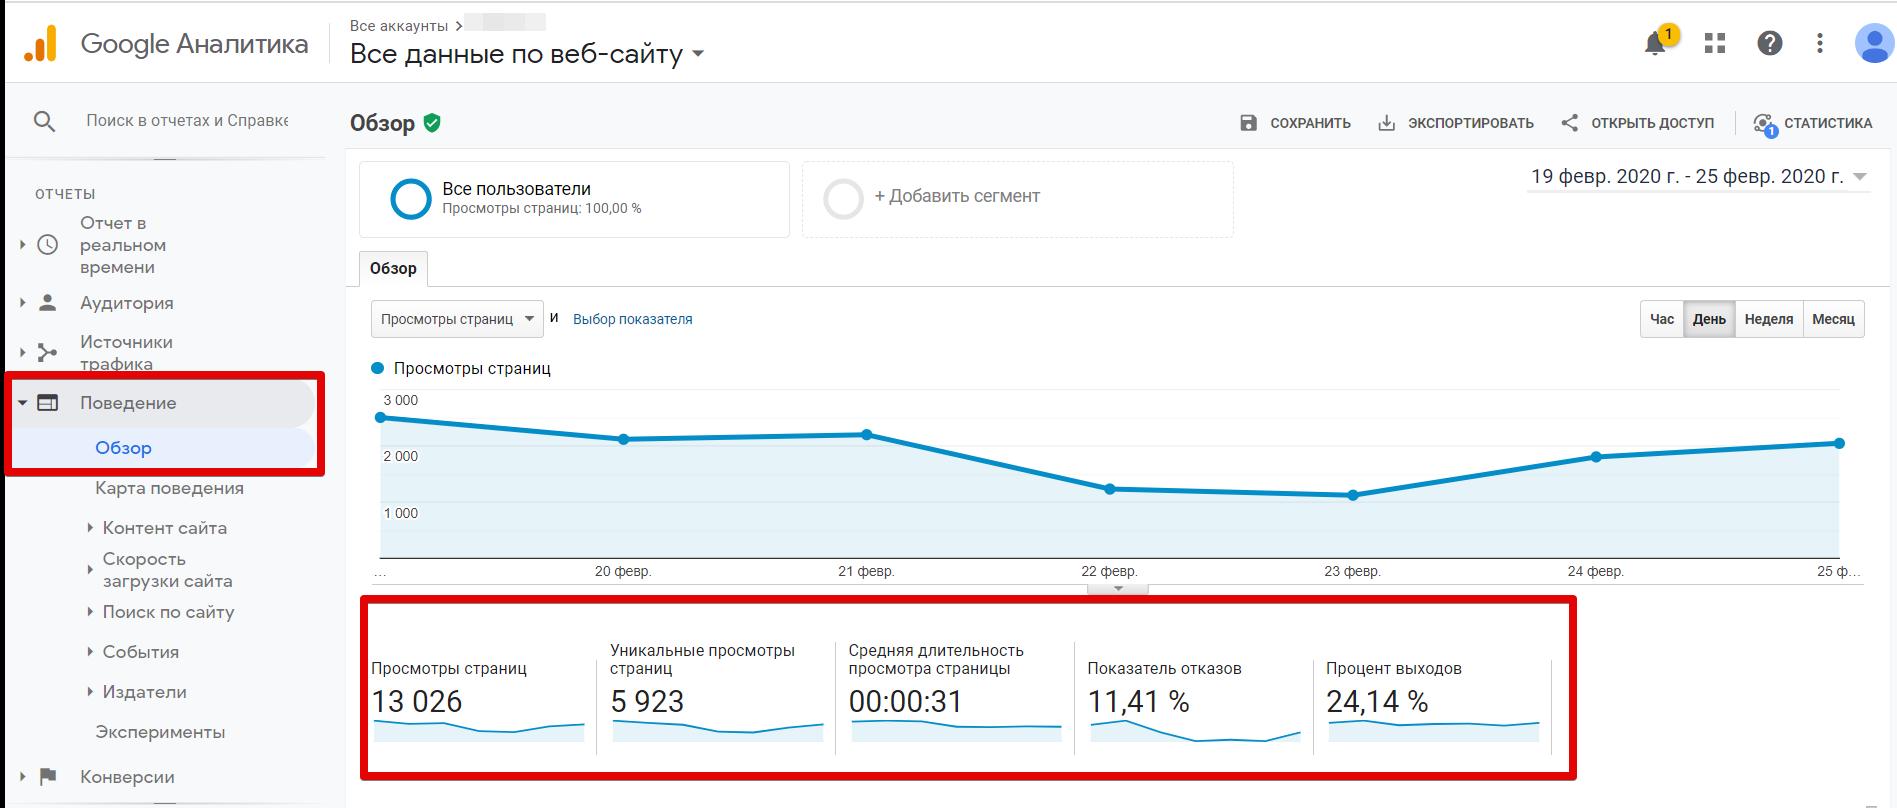 Поведение пользователей в Google Analytics